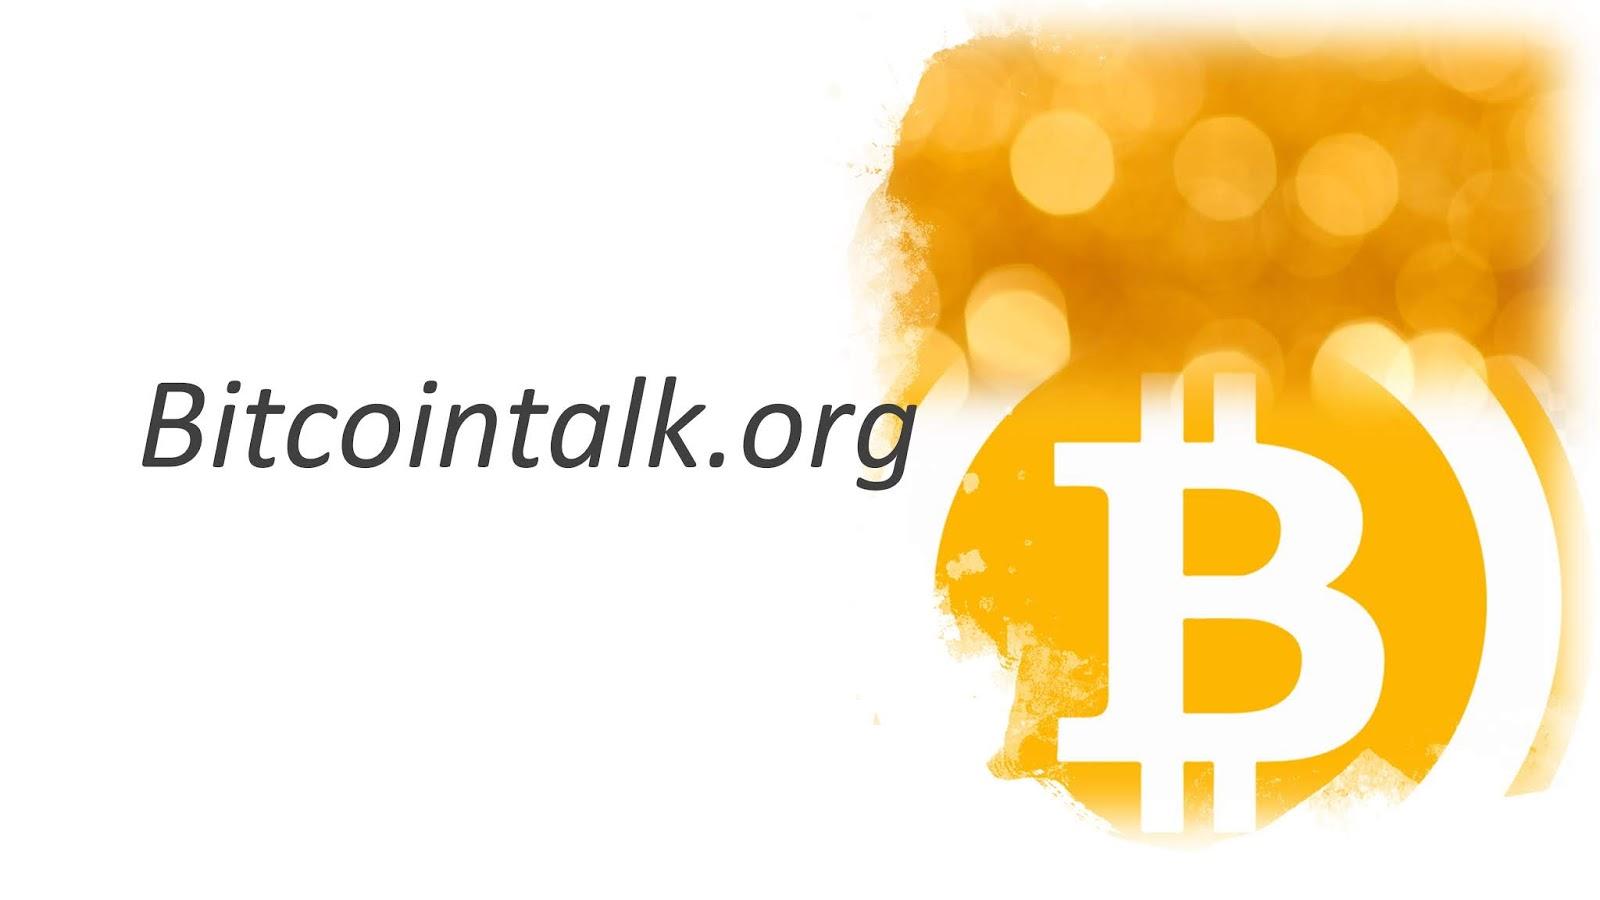 bitcoin bitcointk